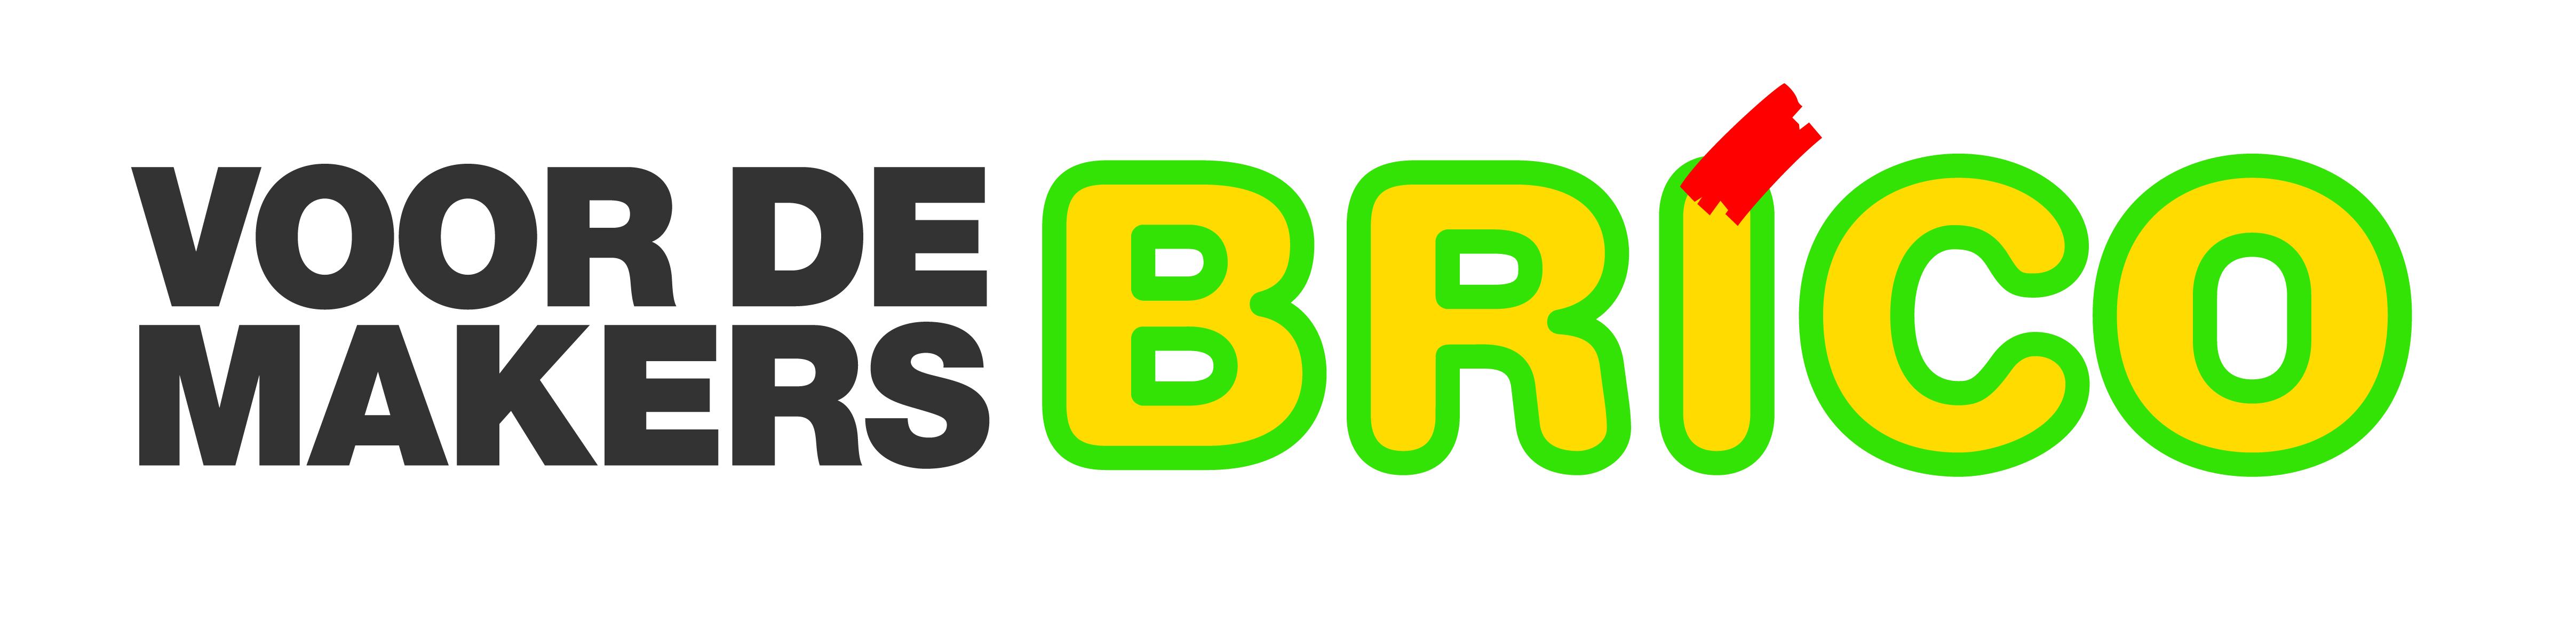 196052 brico logo cmyk payoff 1 nl 08985e original 1455876116